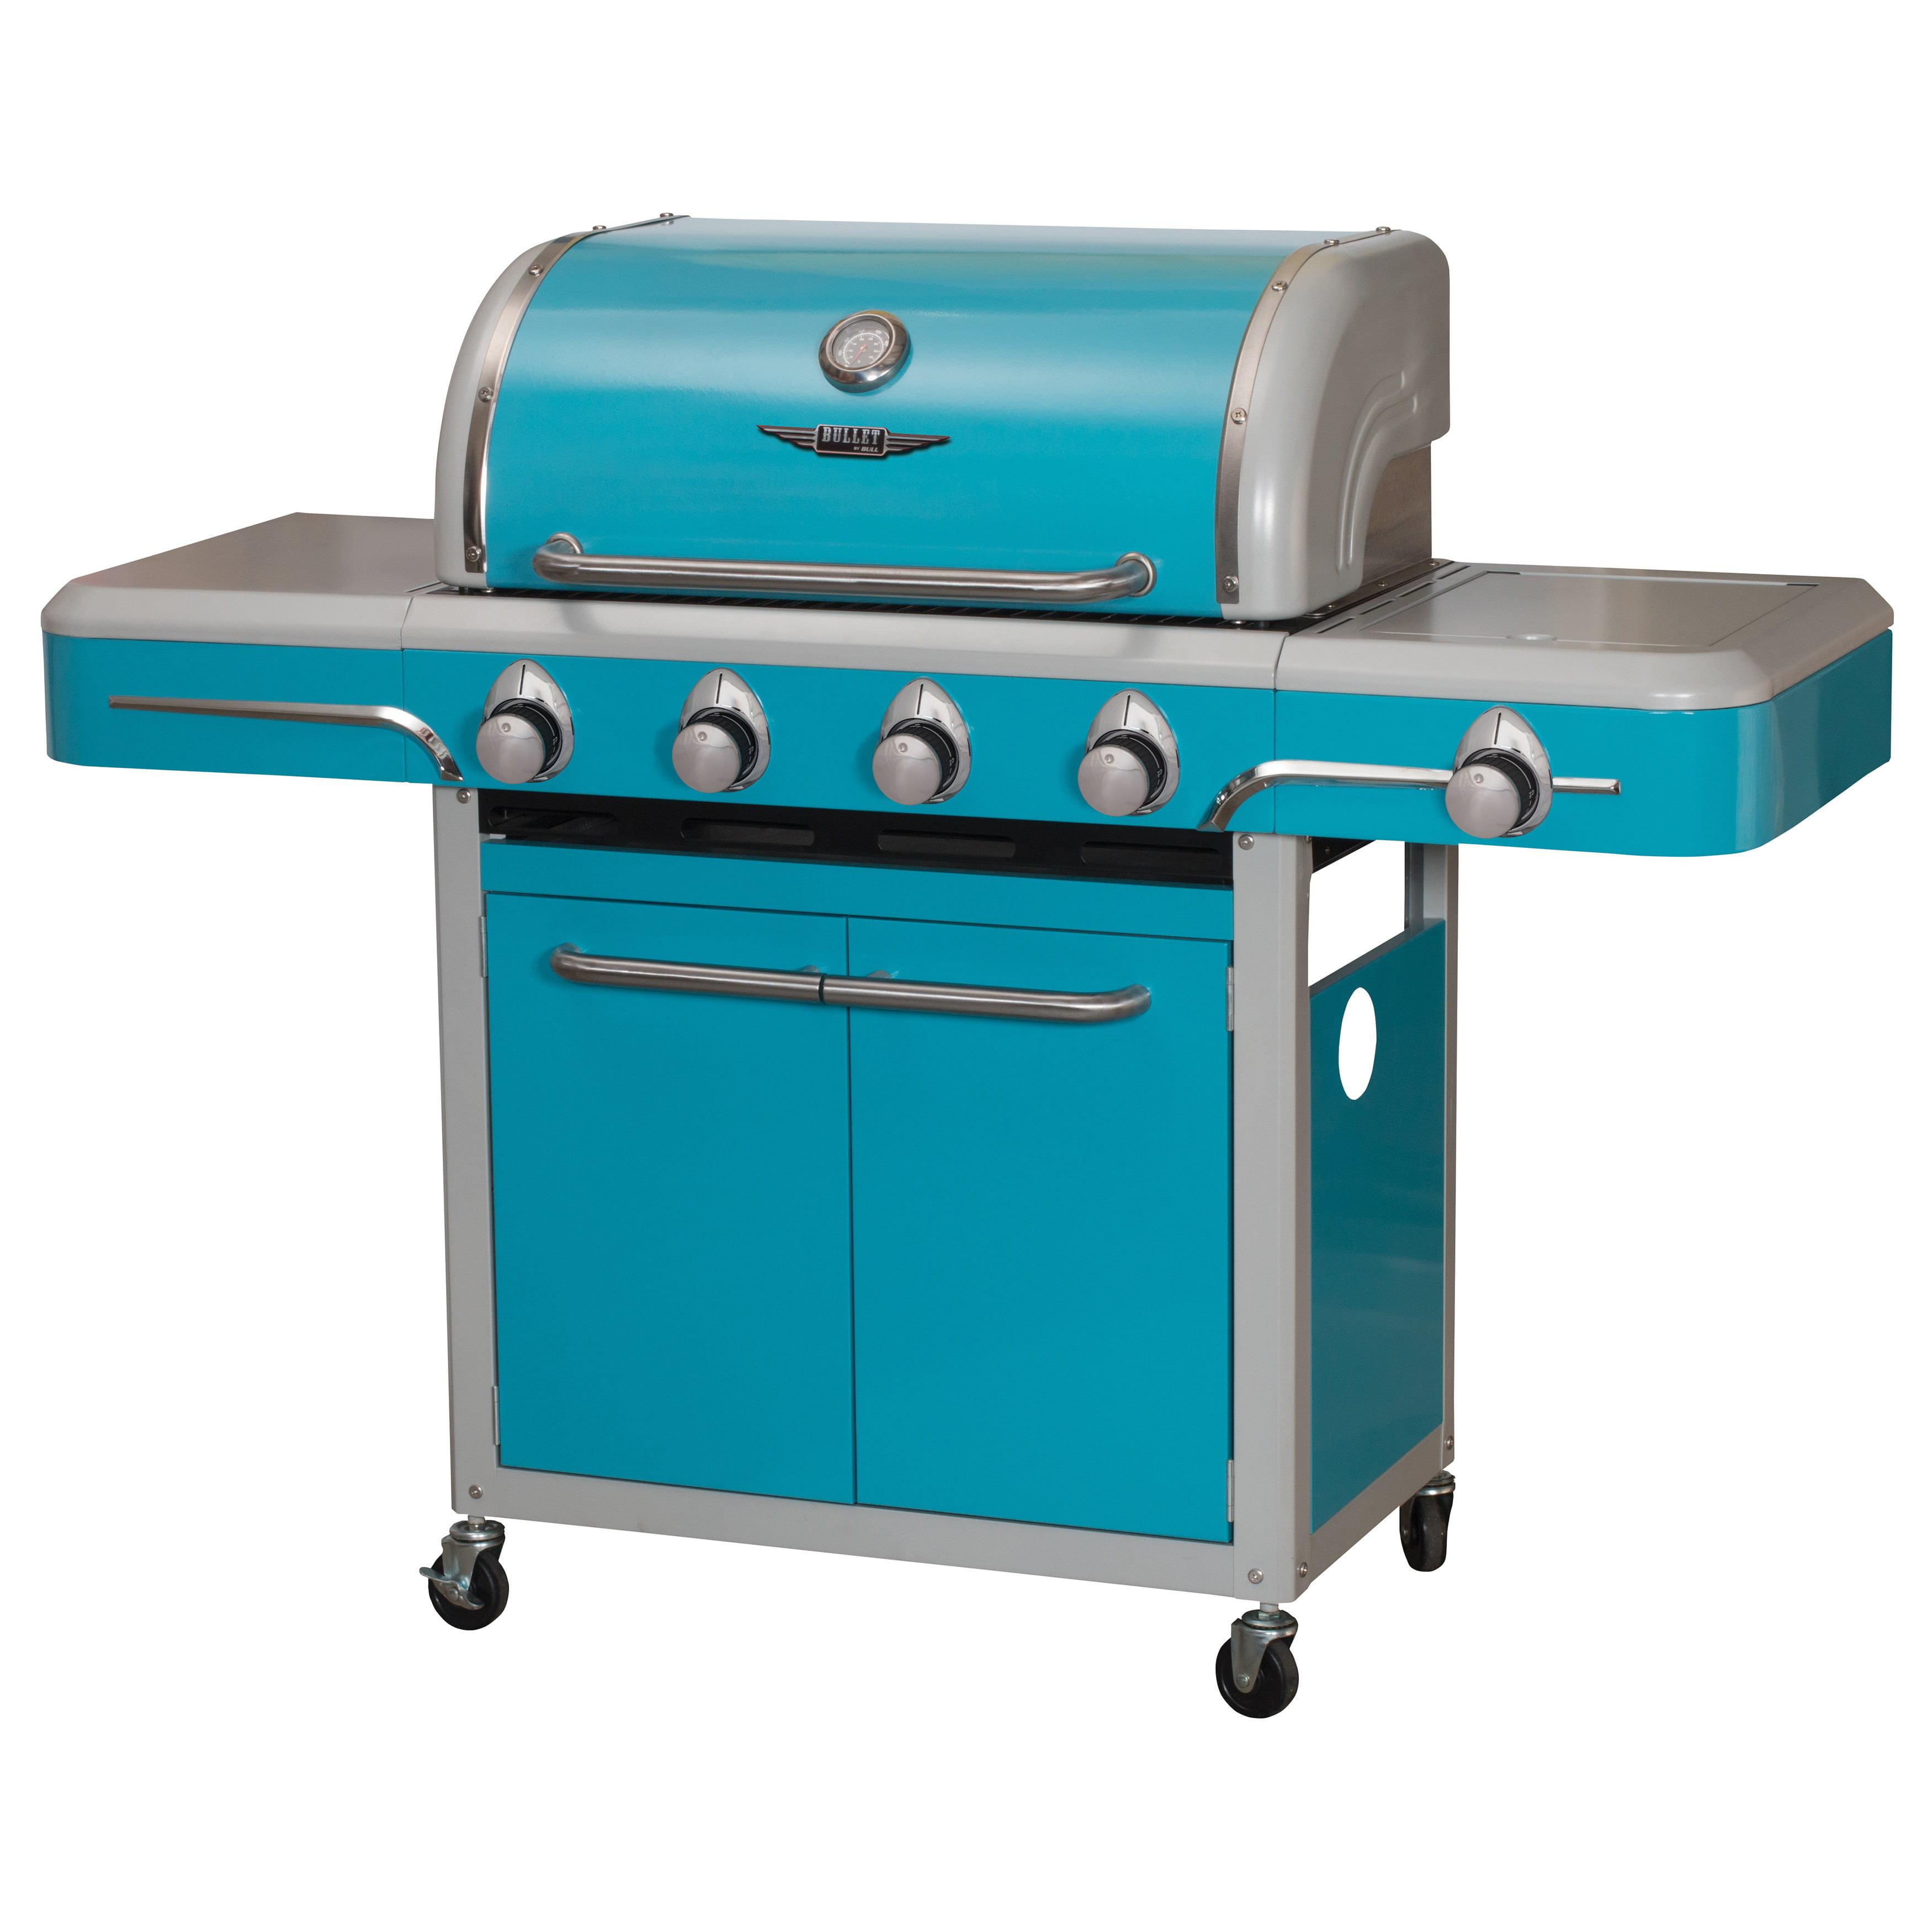 Unique Outdoor Kitchen Grill Gift - Modern Kitchen Set - dietmania.info